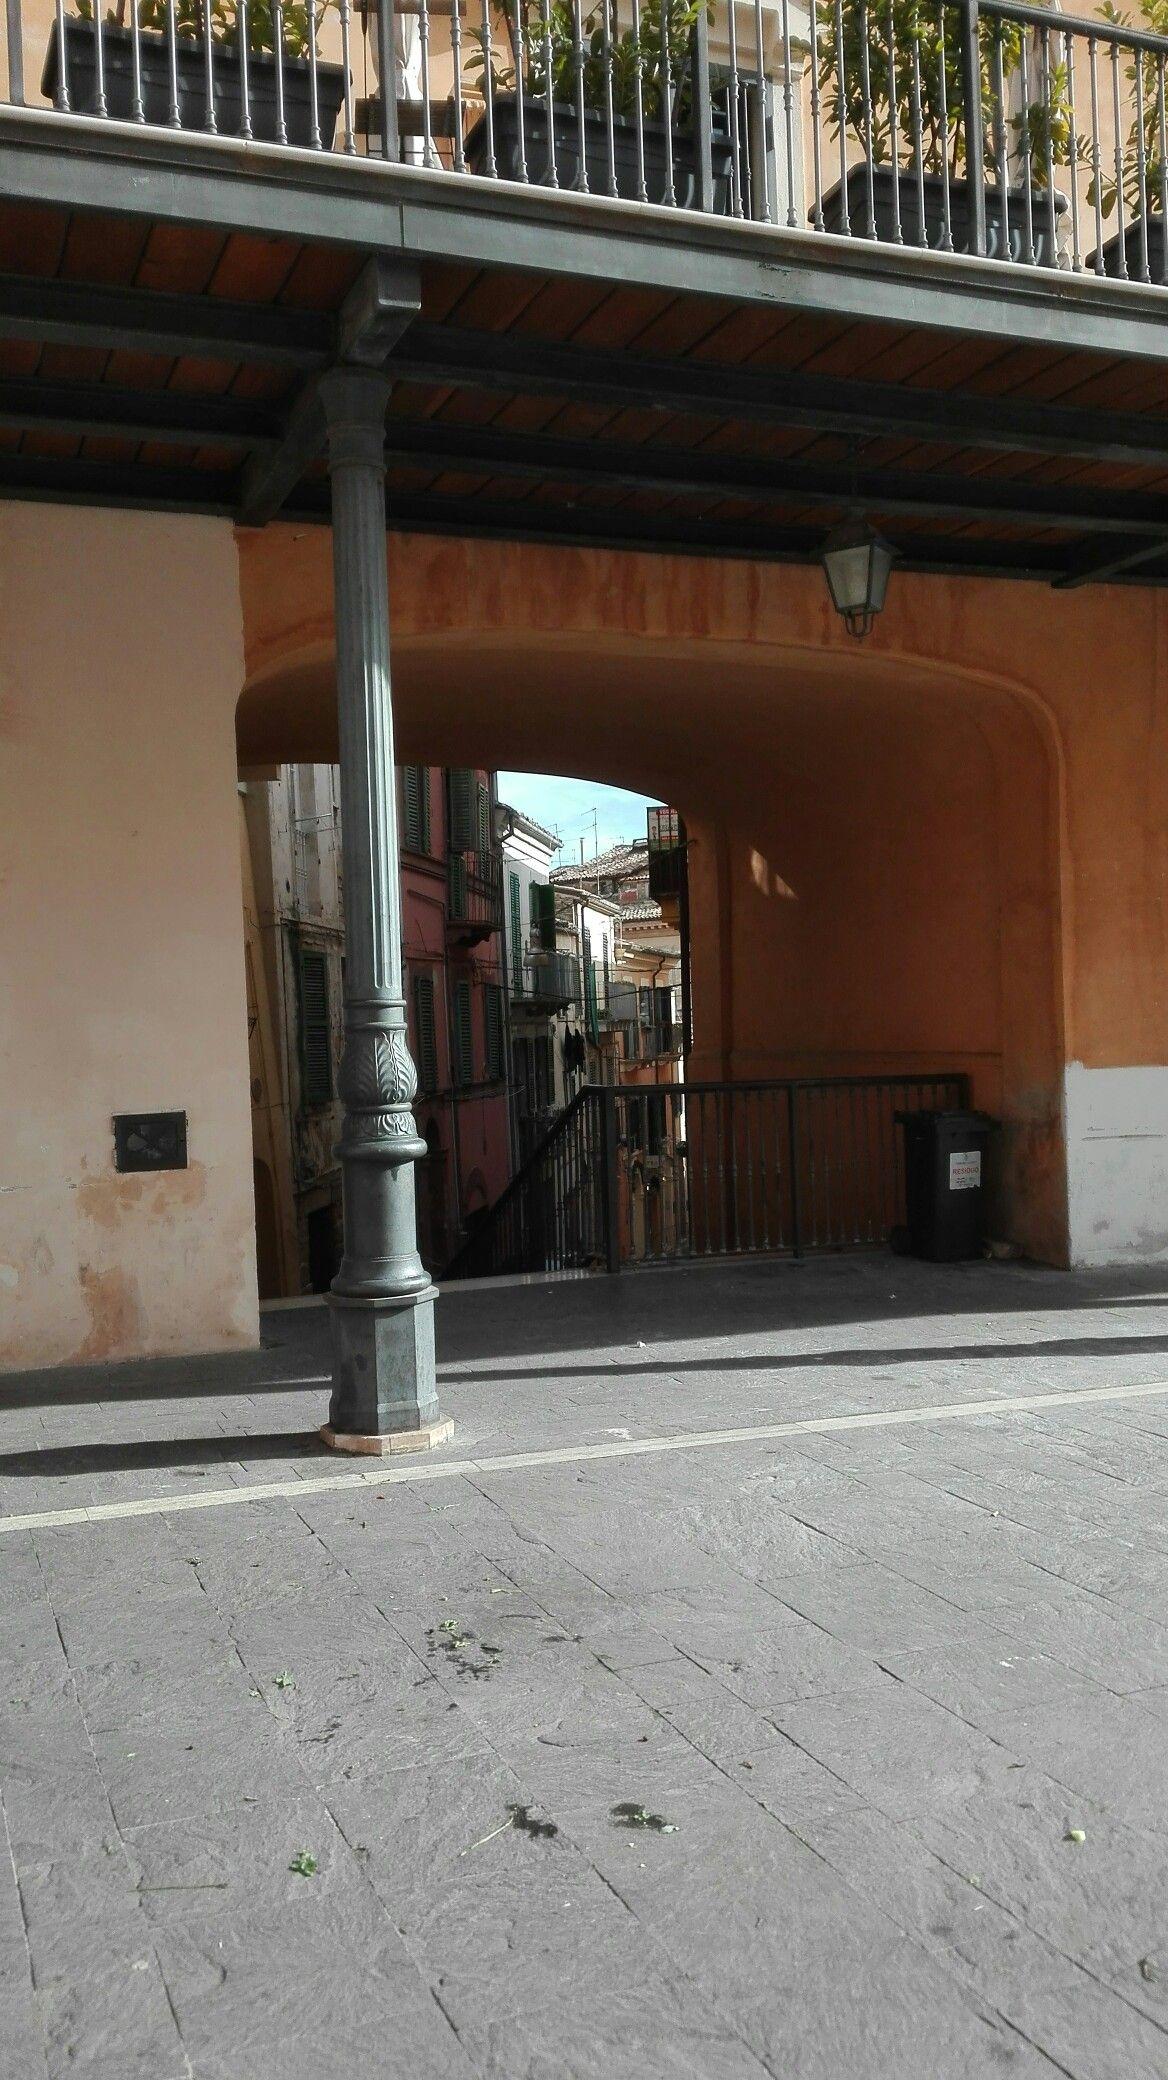 Chieti, Piazza Malta, Italy Outdoor structures, Pergola